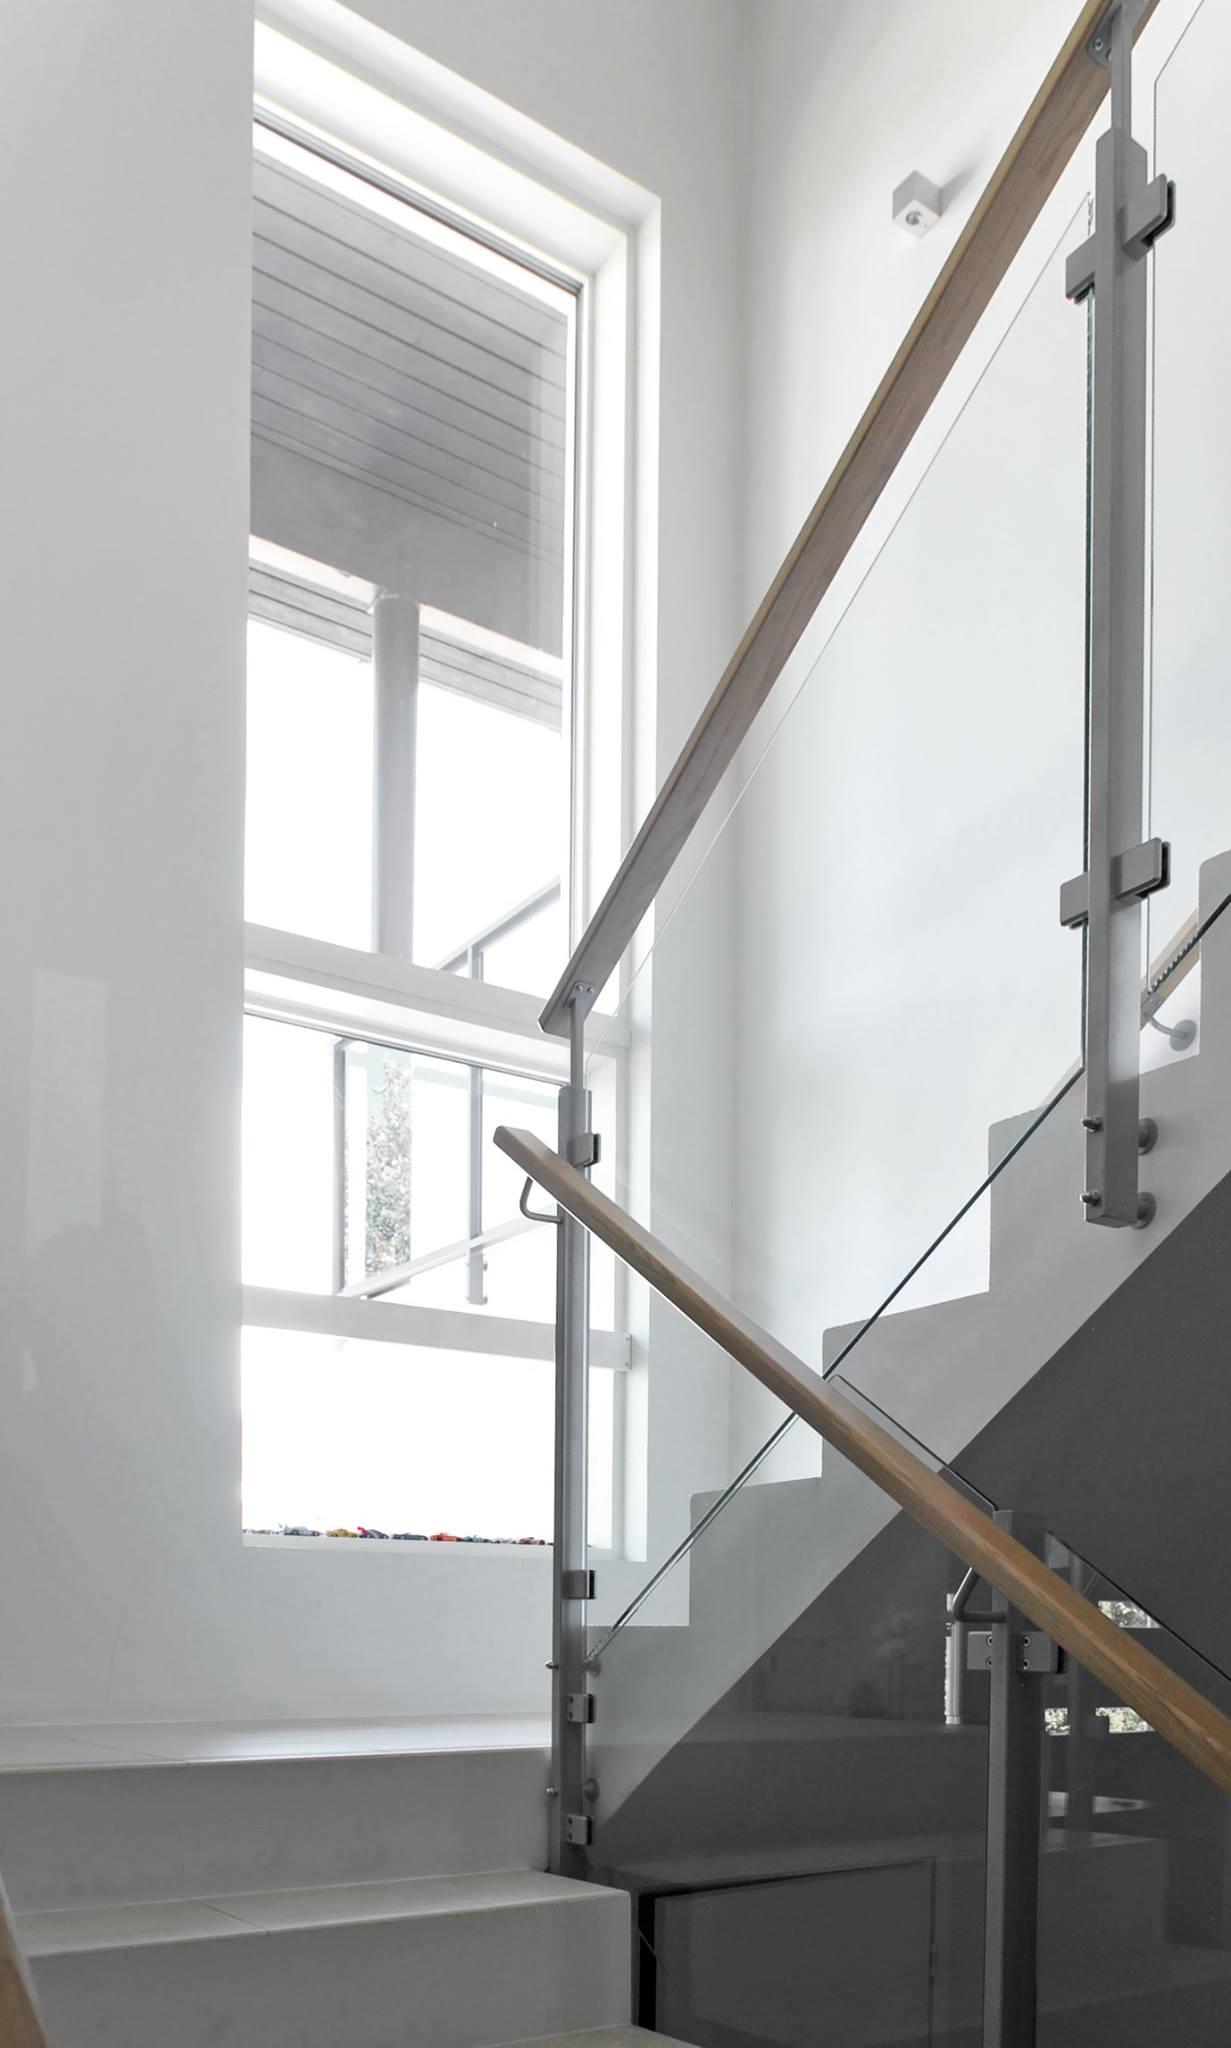 moderni-kivitalo-portaikko-lasikaide